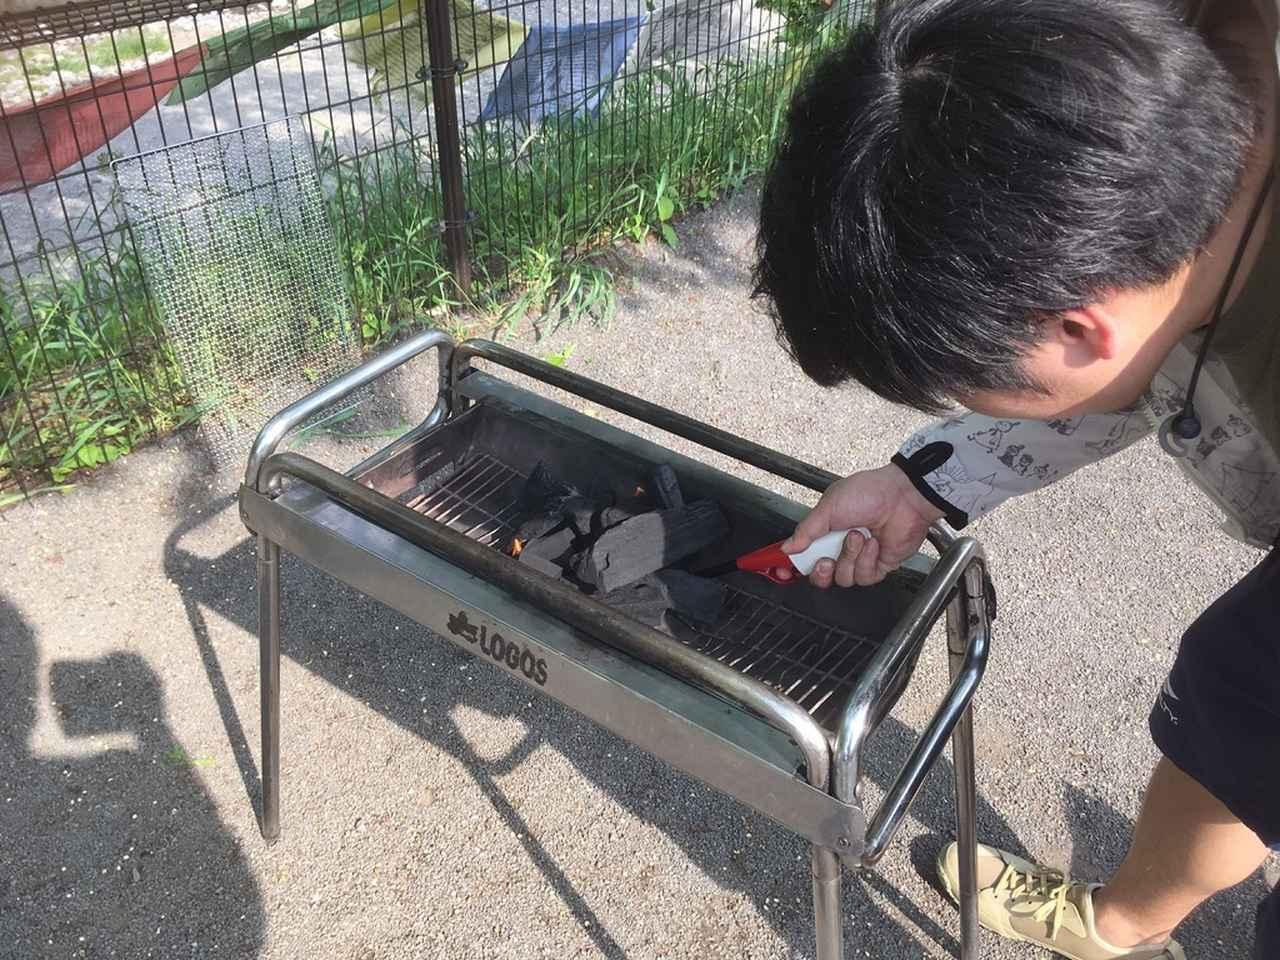 画像: 筆者撮影 ※炭の下に着火材を置いて火をつける